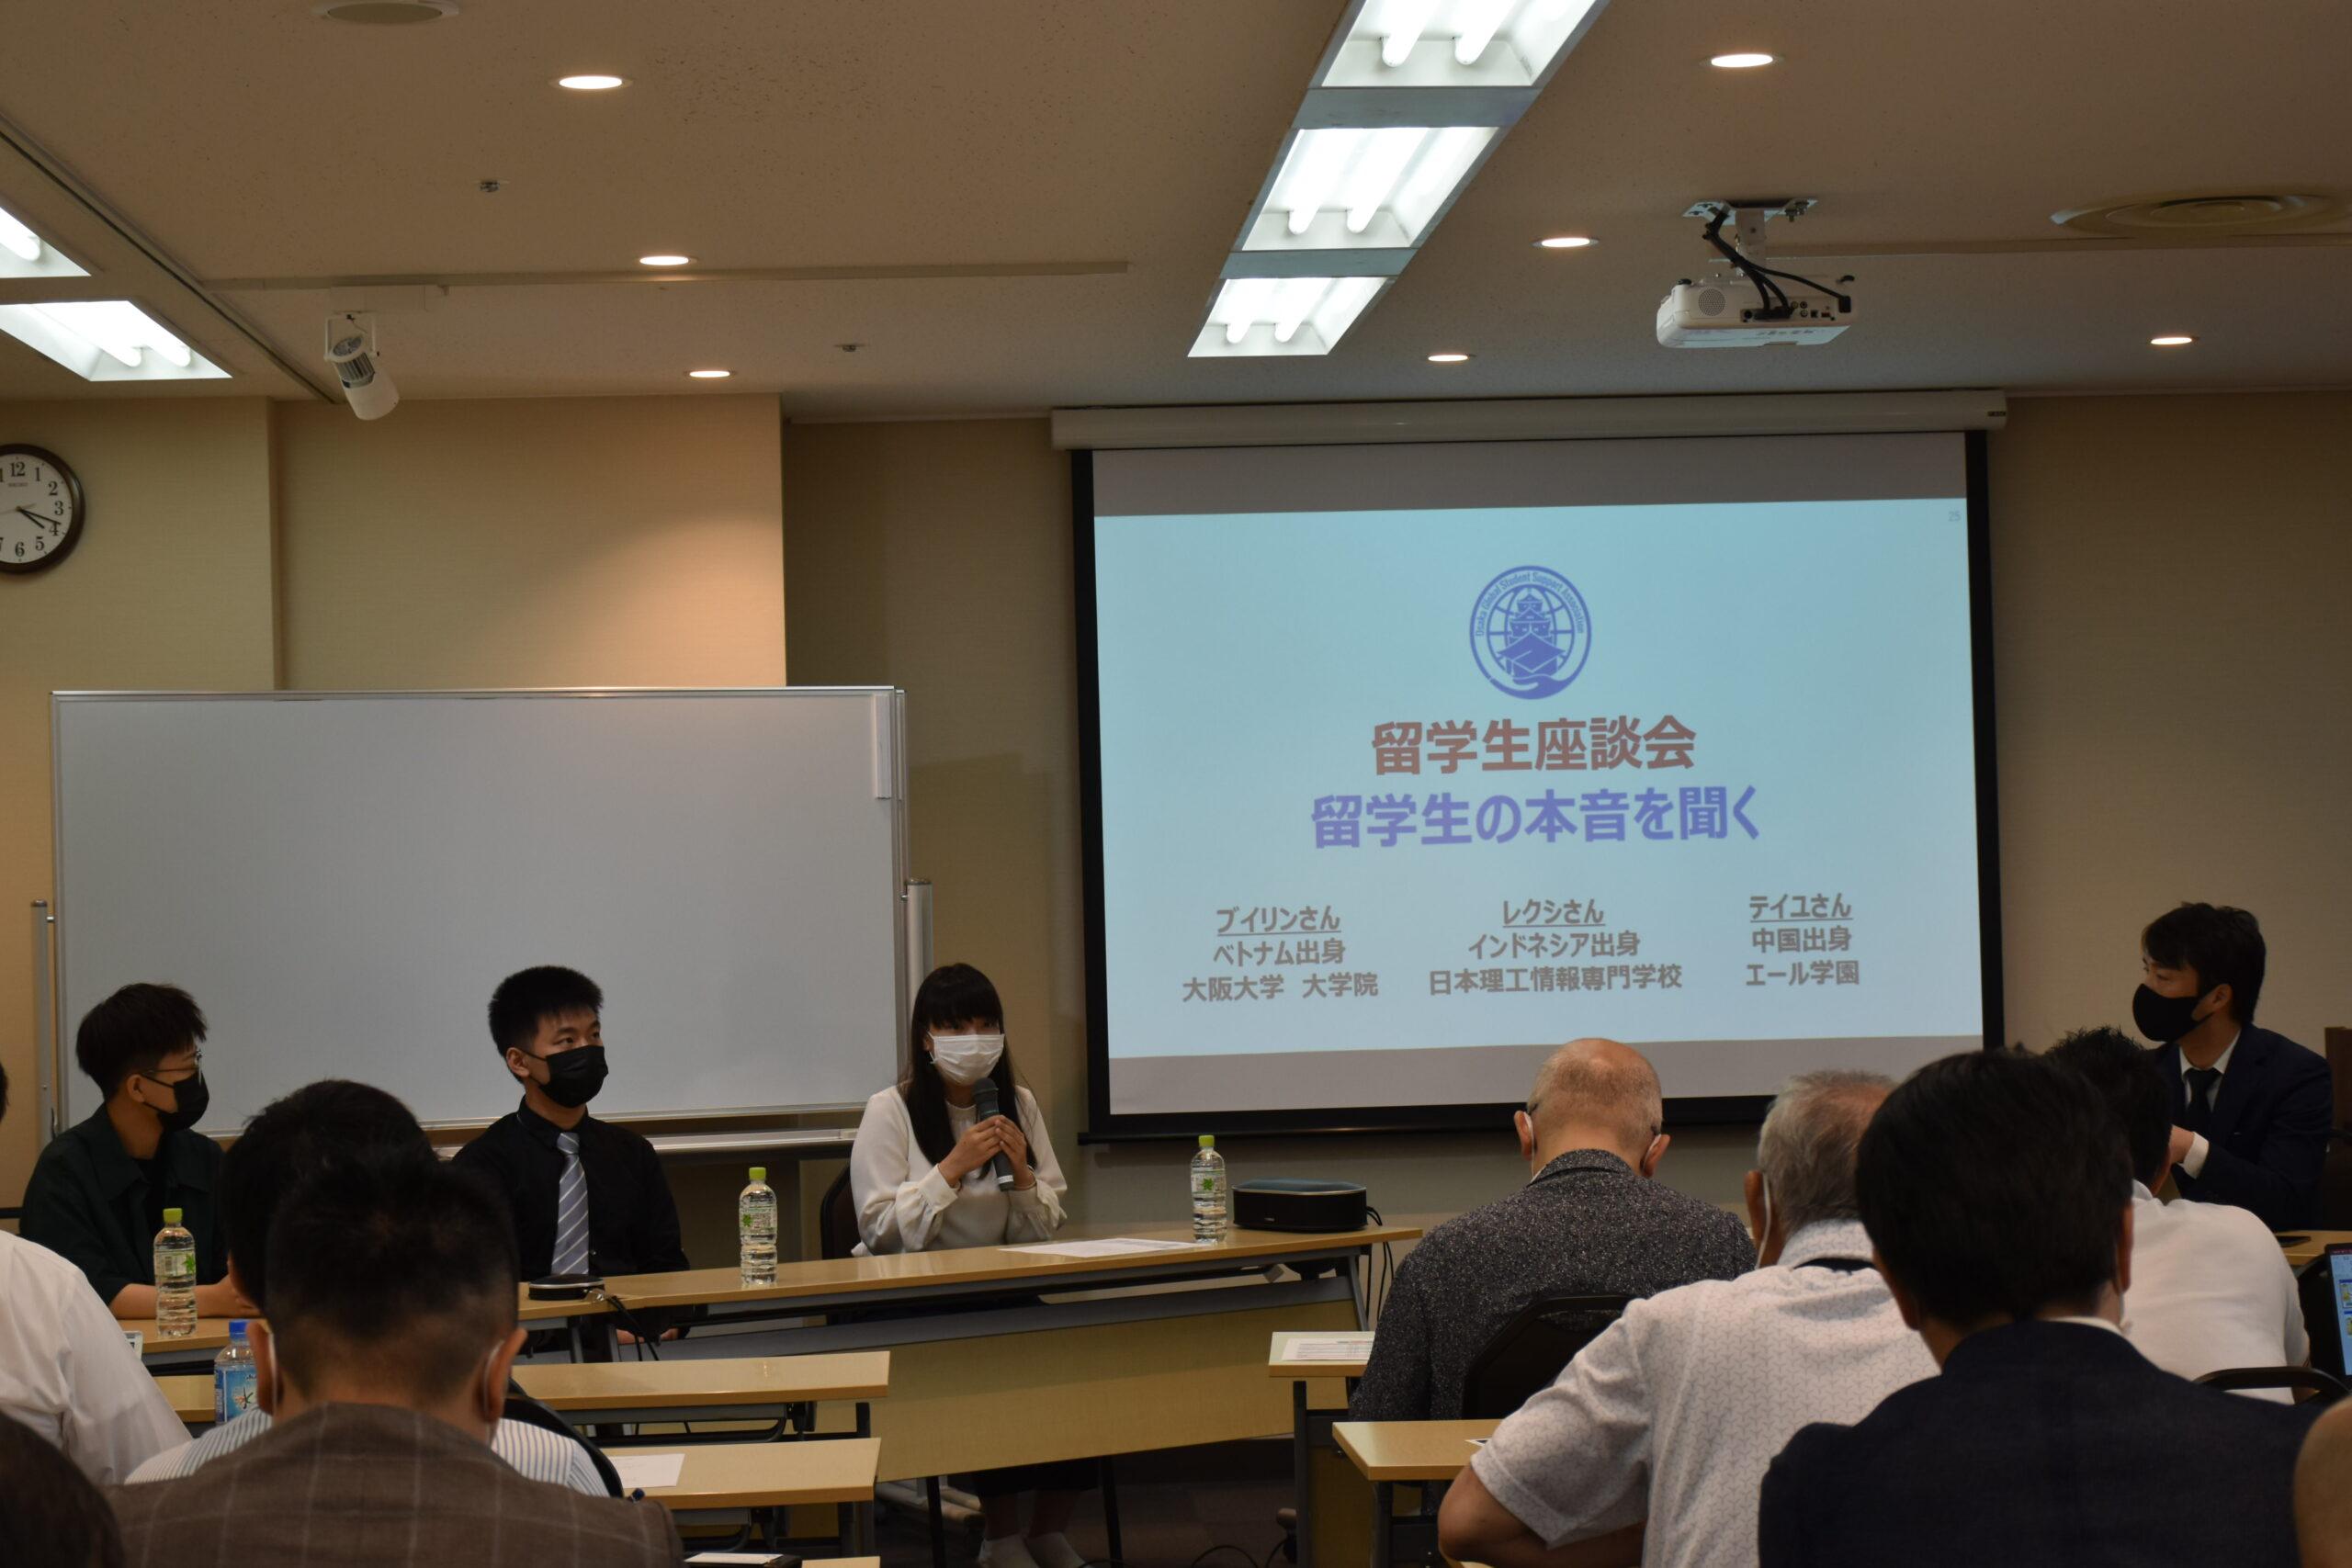 留学生支援コンソーシアム大阪定例会について